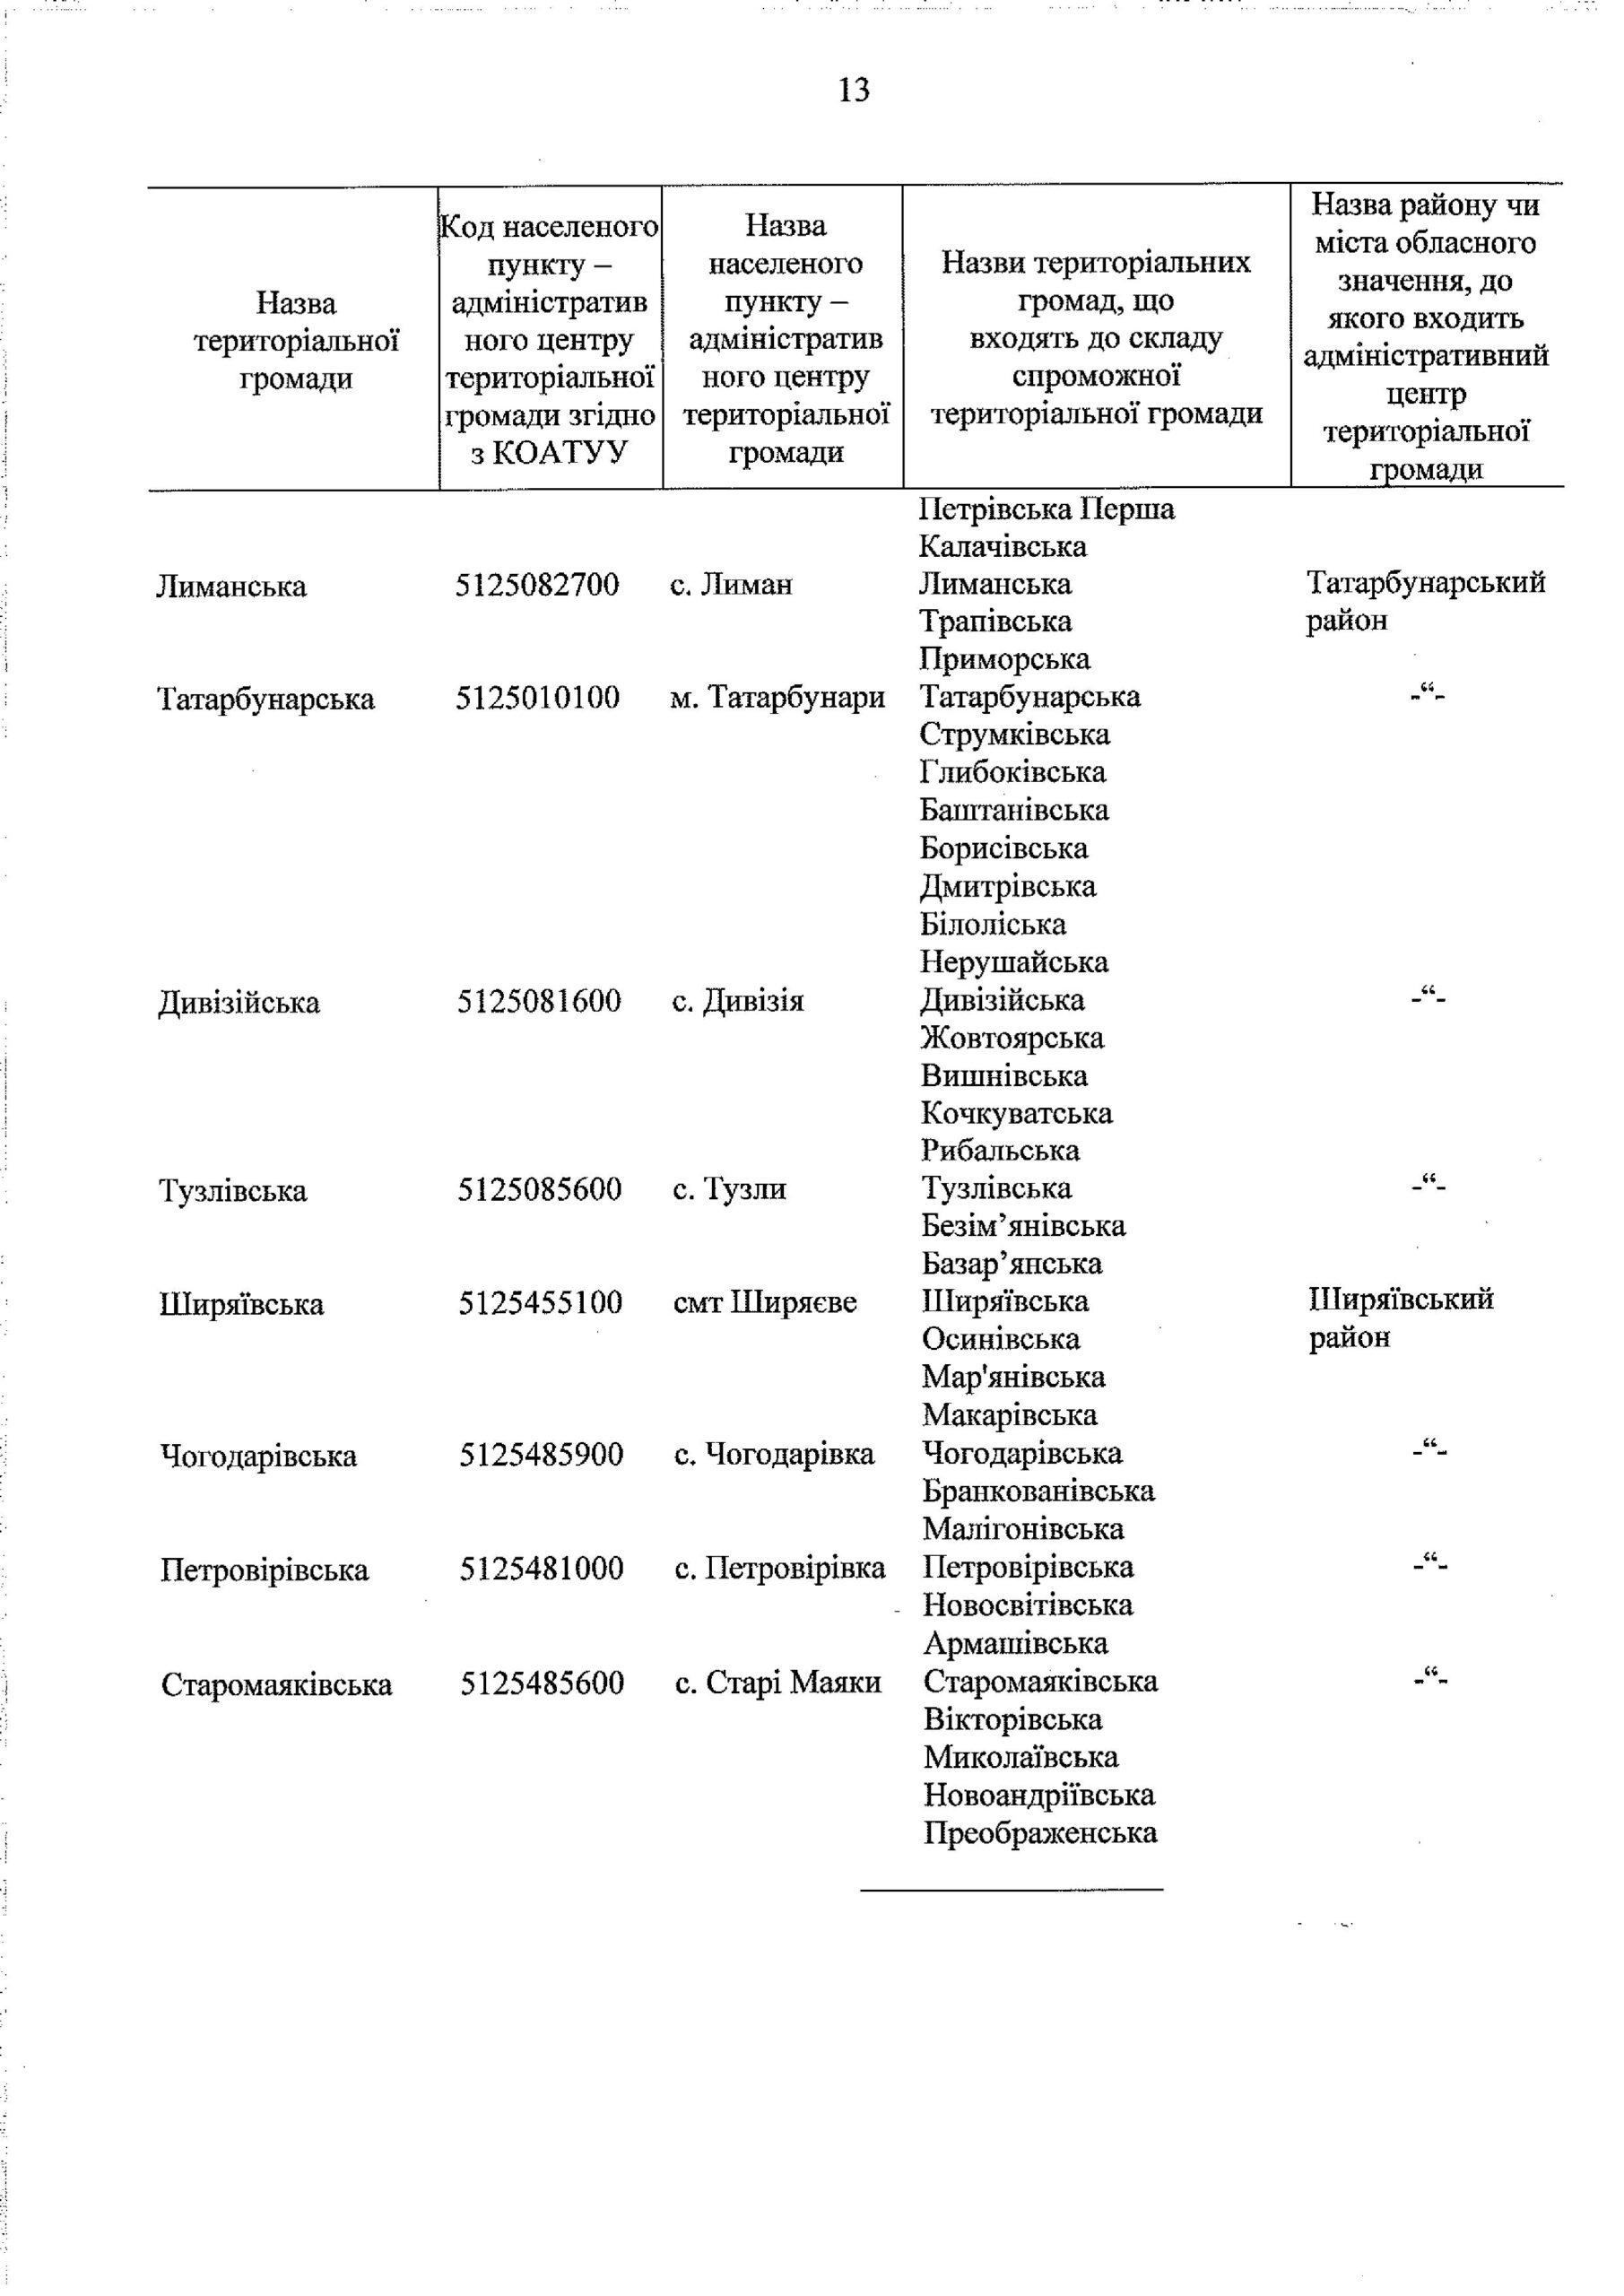 Кабмин опубликовал утвержденный перспективный план формирования ОТГ в Одесской области (документ)